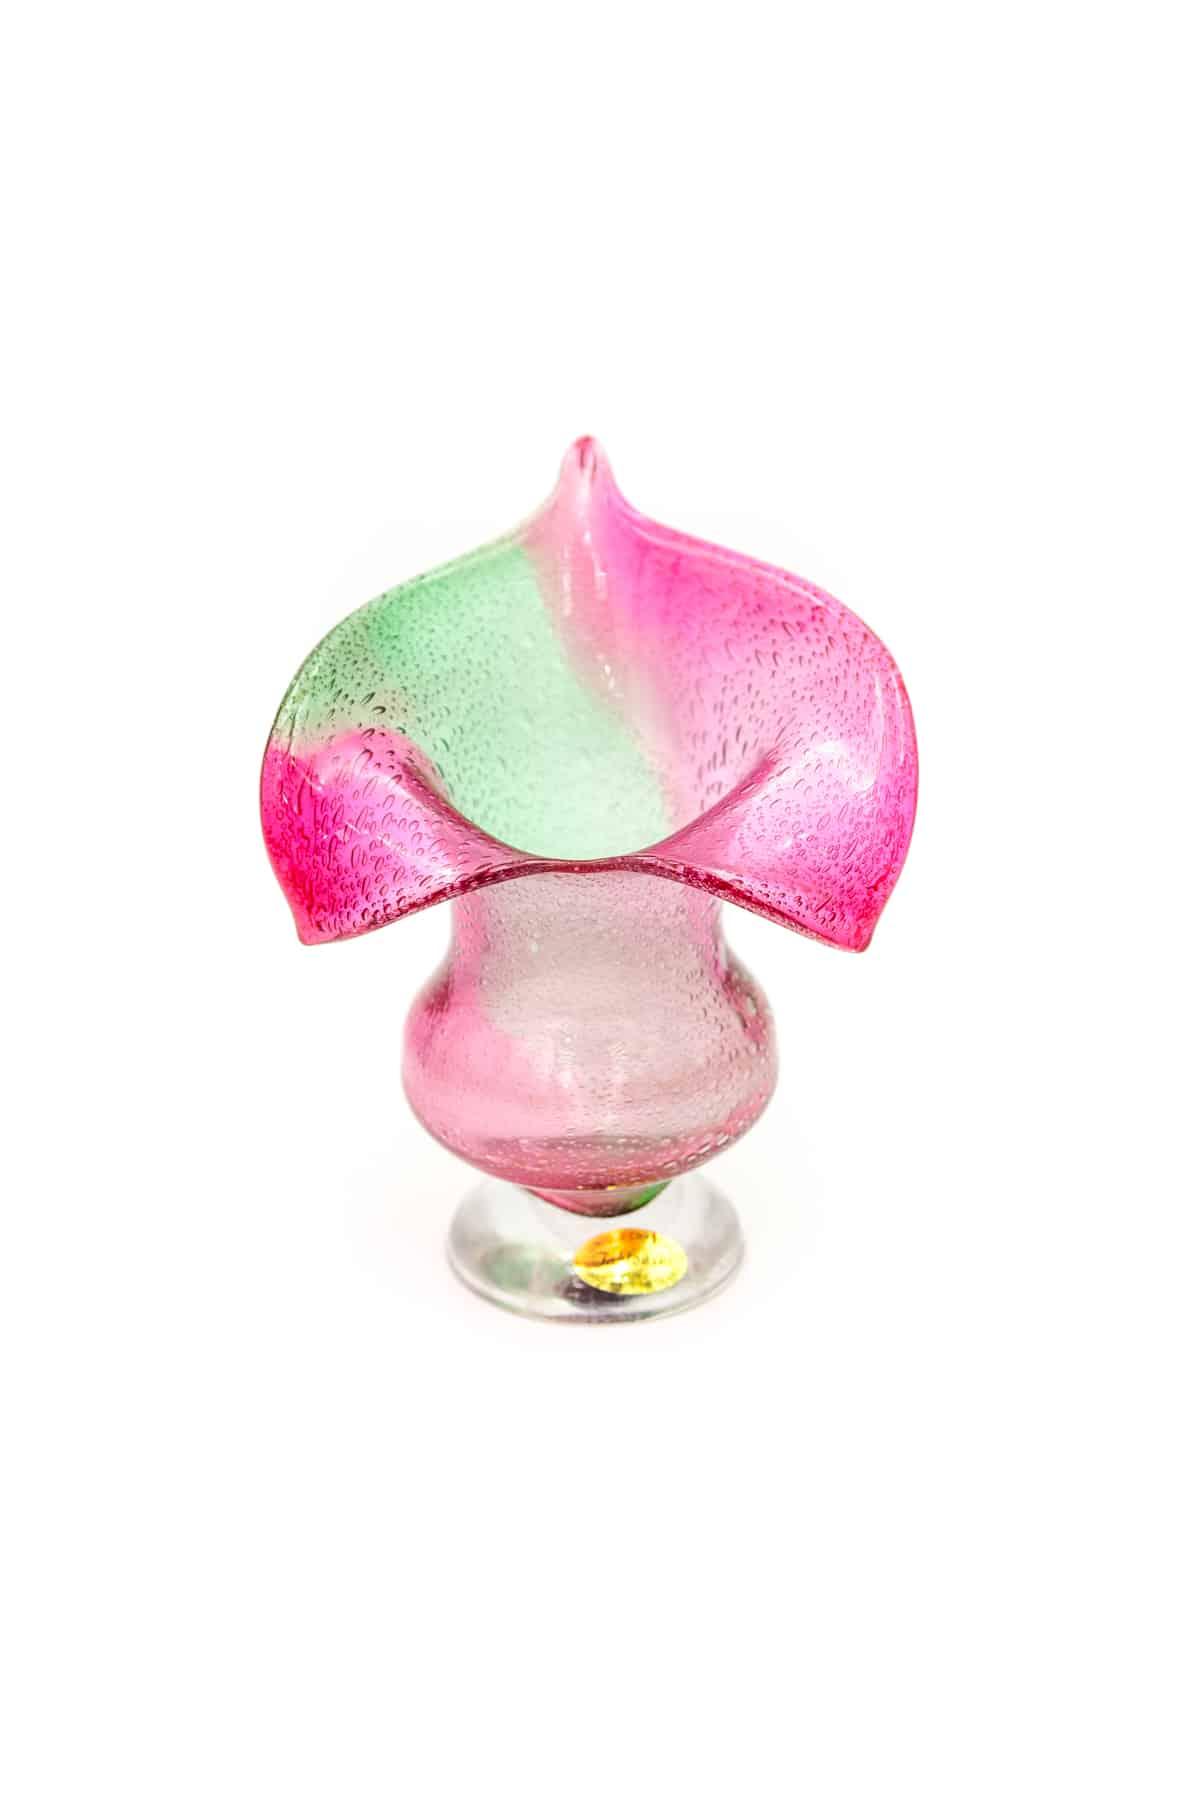 steklyannaya vaza jablonski